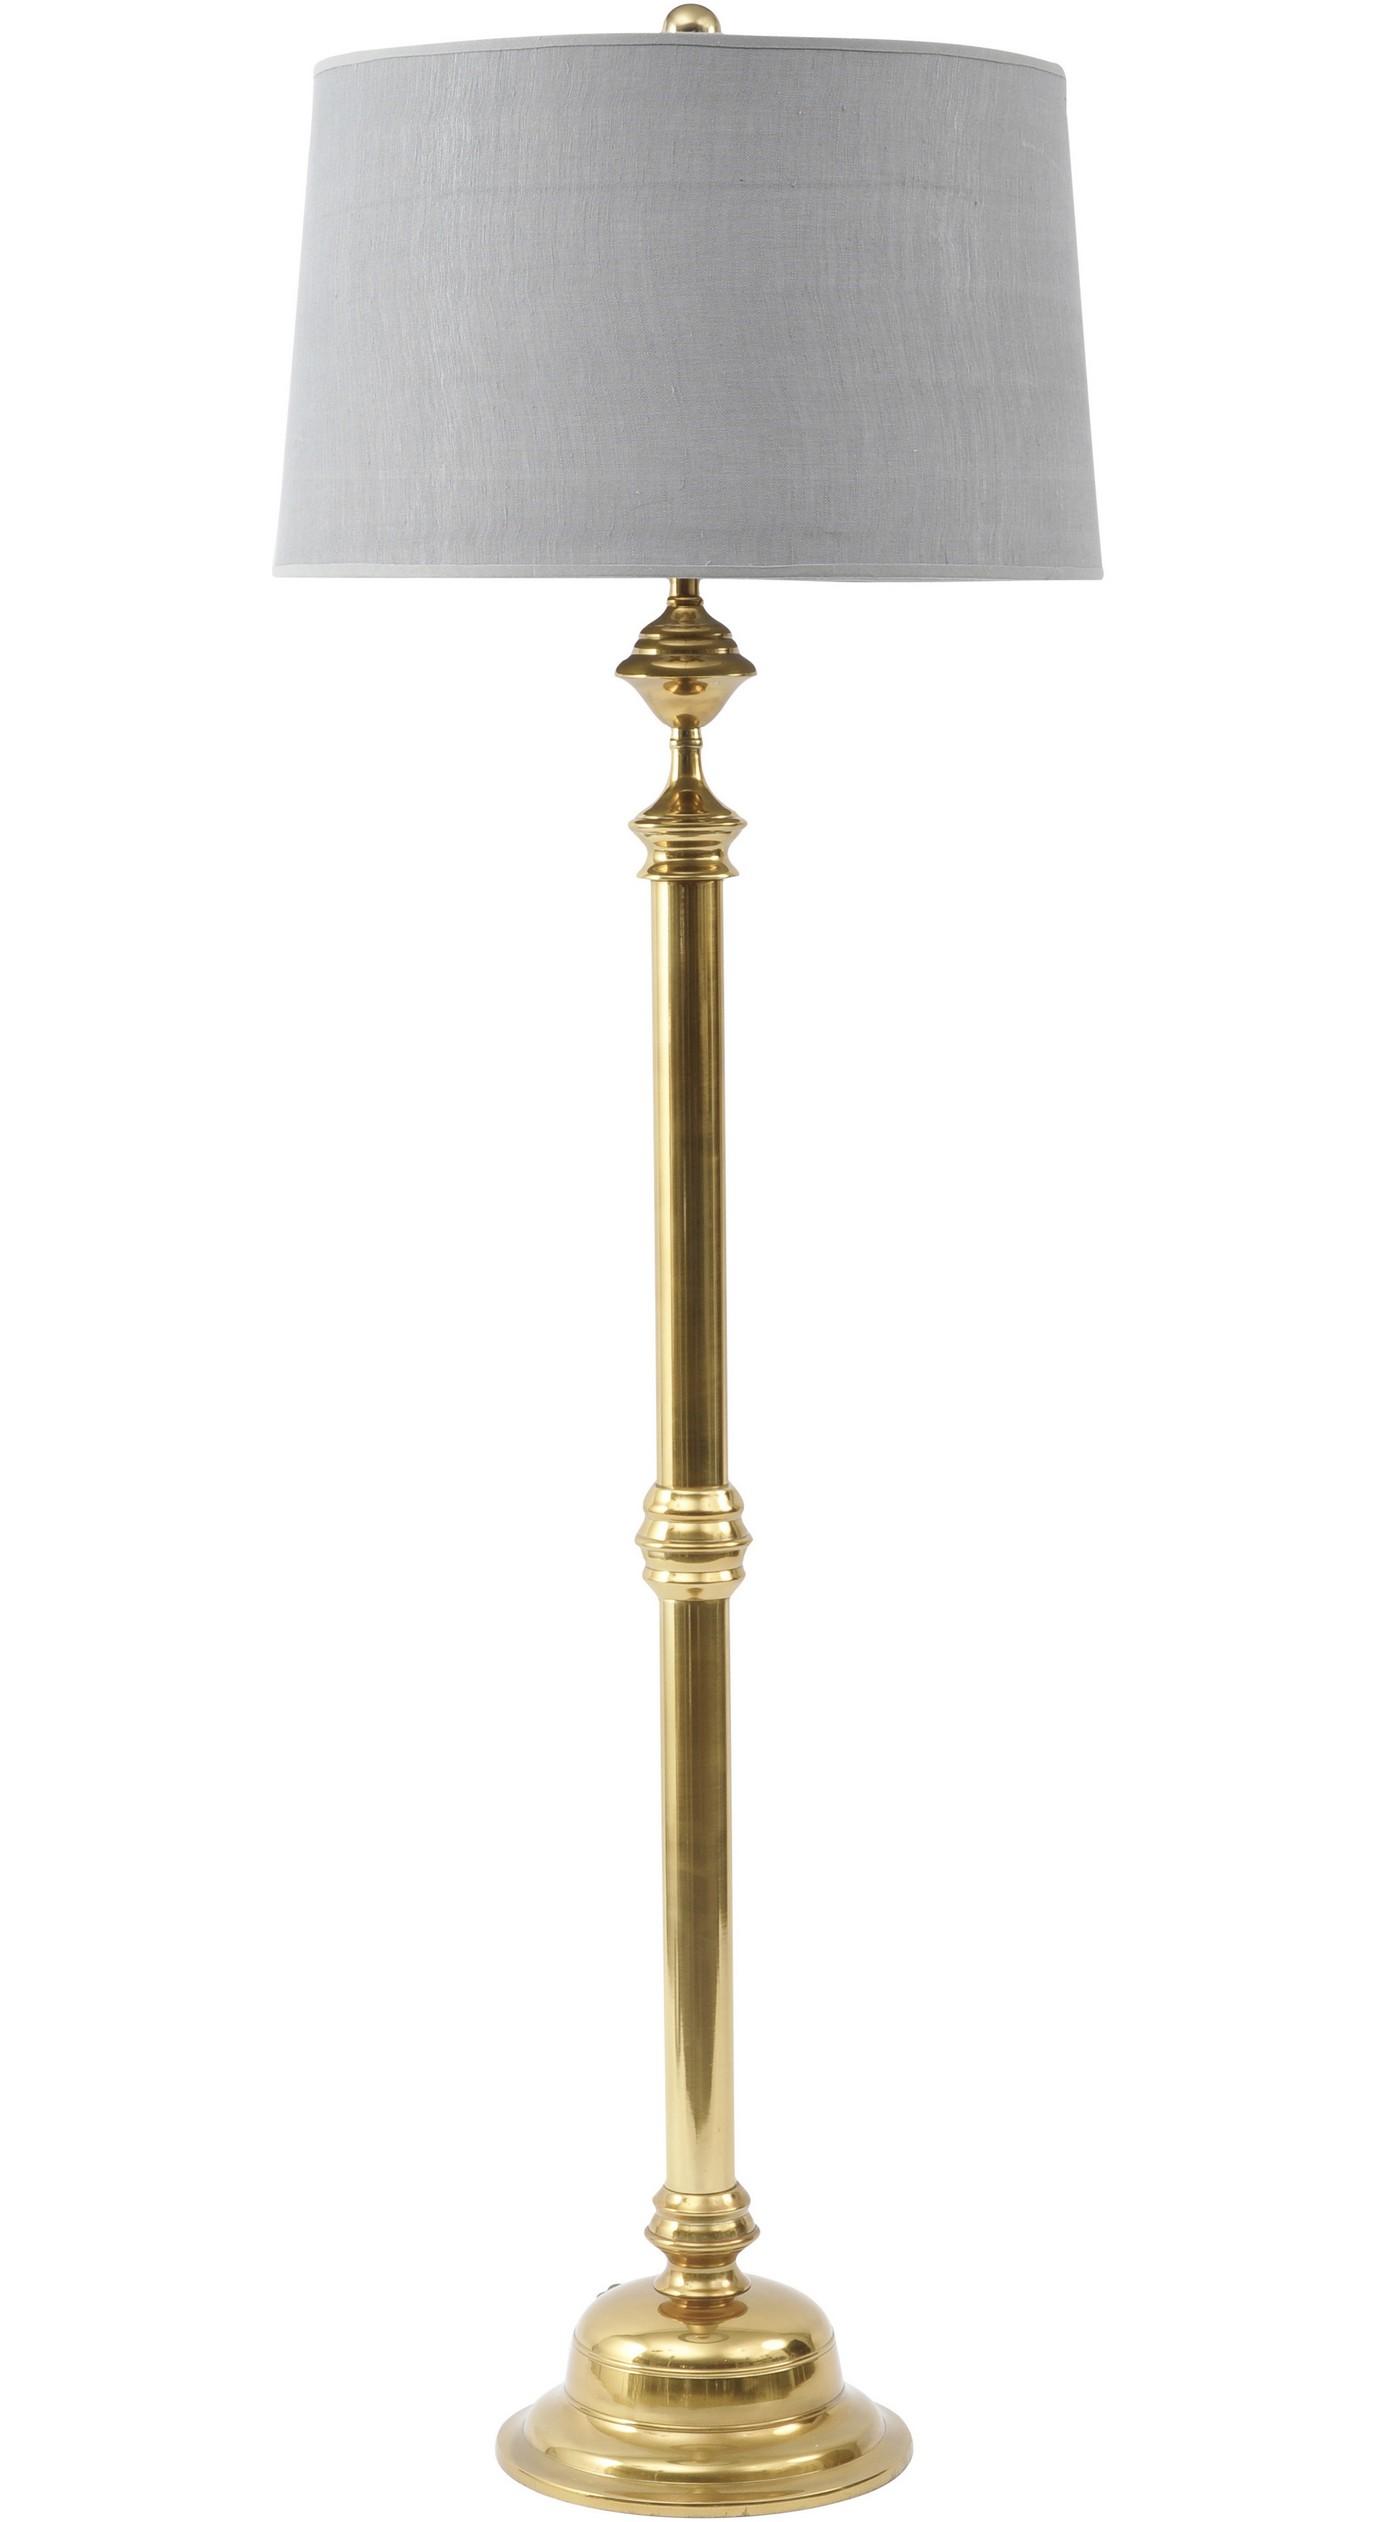 Studley brass floor lamp design essentials for Reeded brass floor lamp